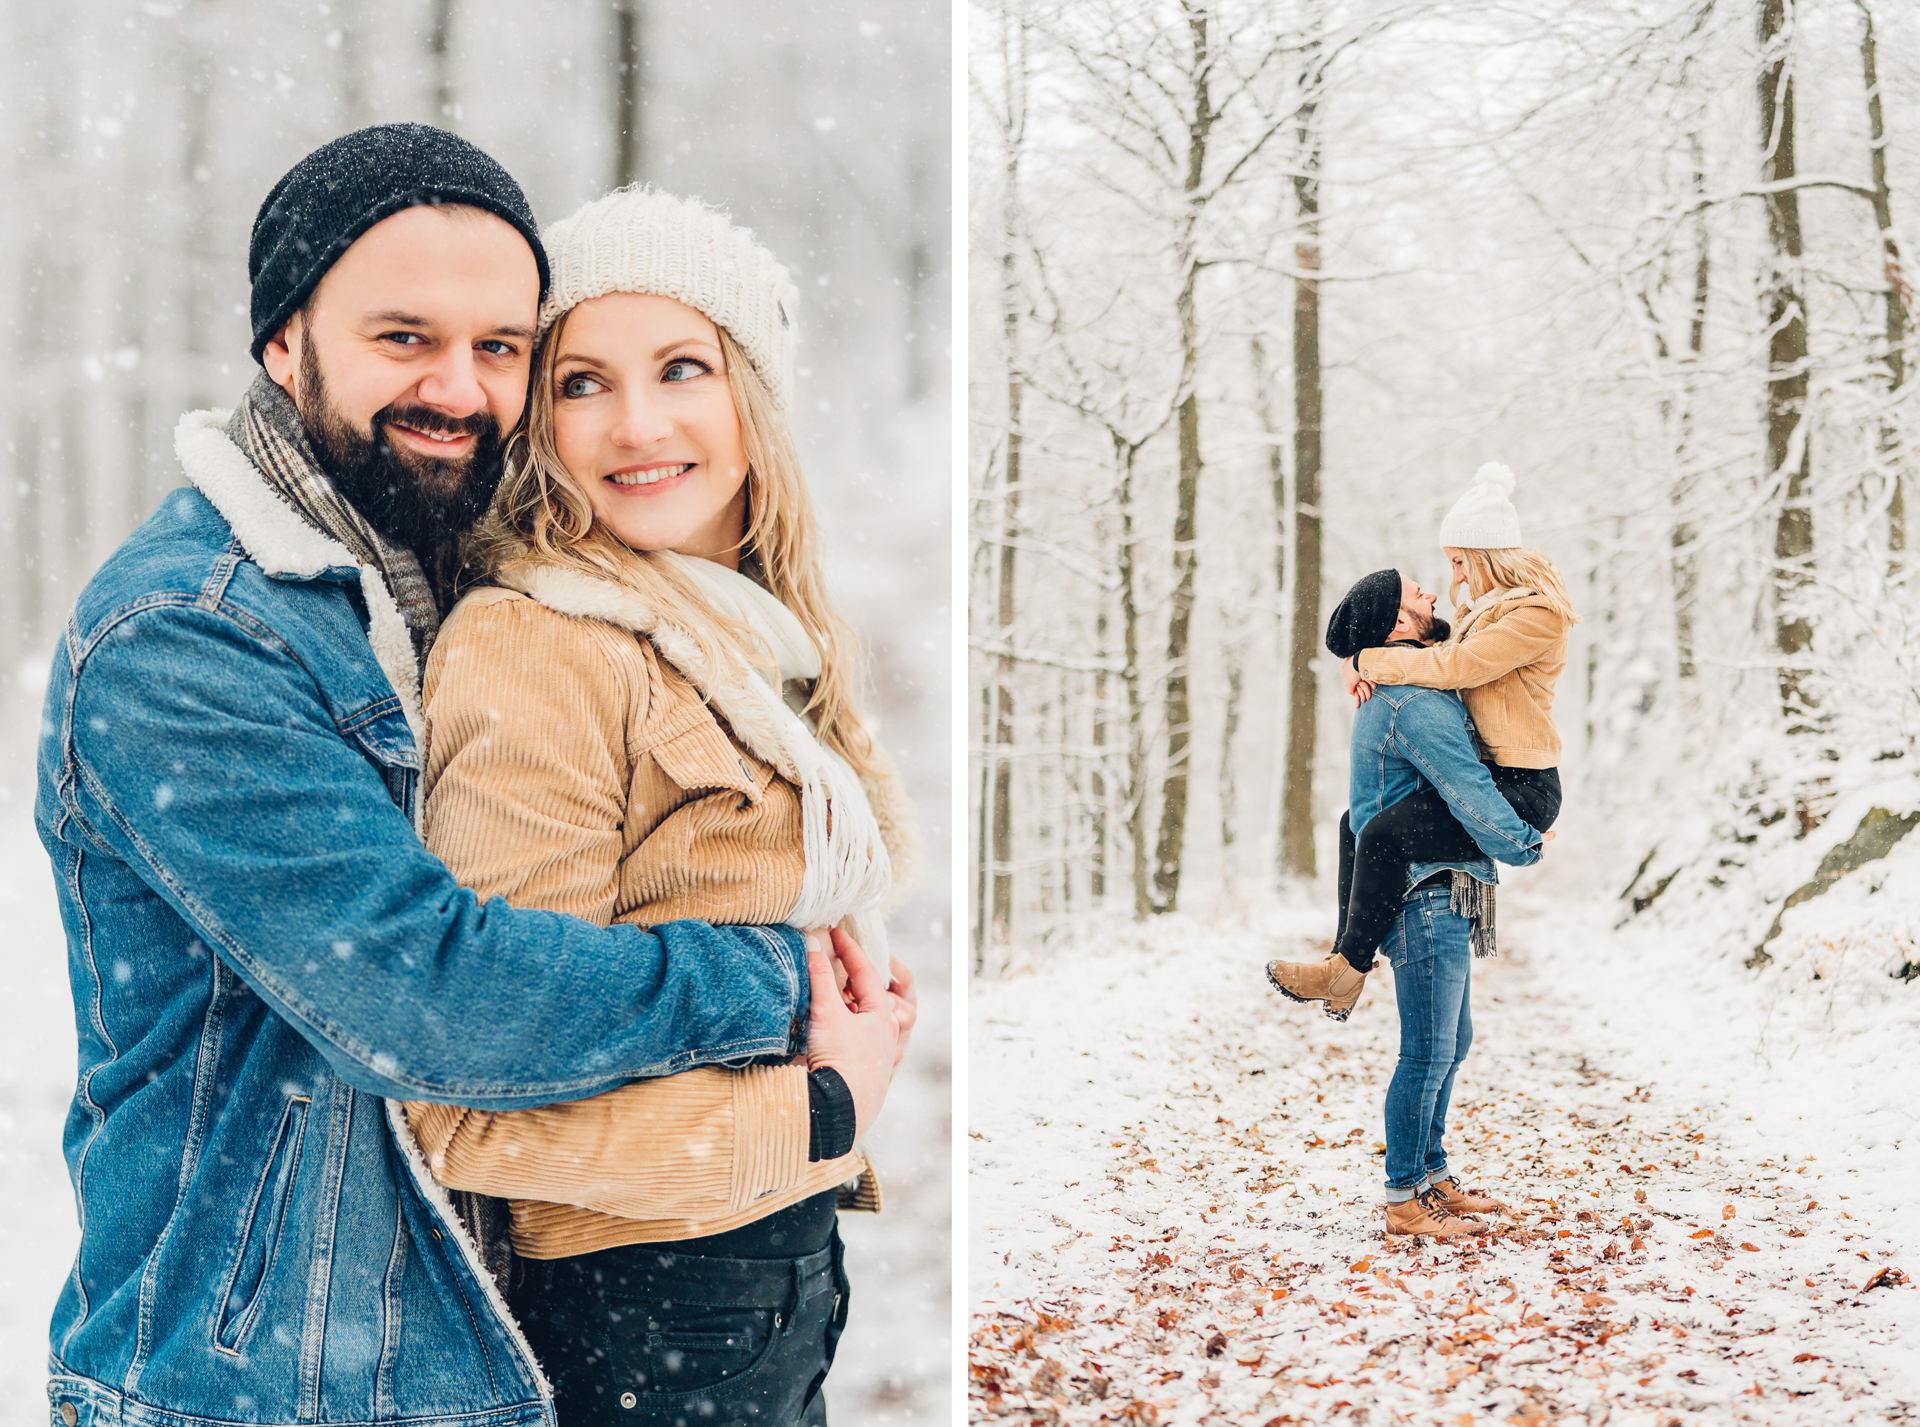 Schnee Fotografie, Schneefotos, Schneeshooting, Schneeportraits